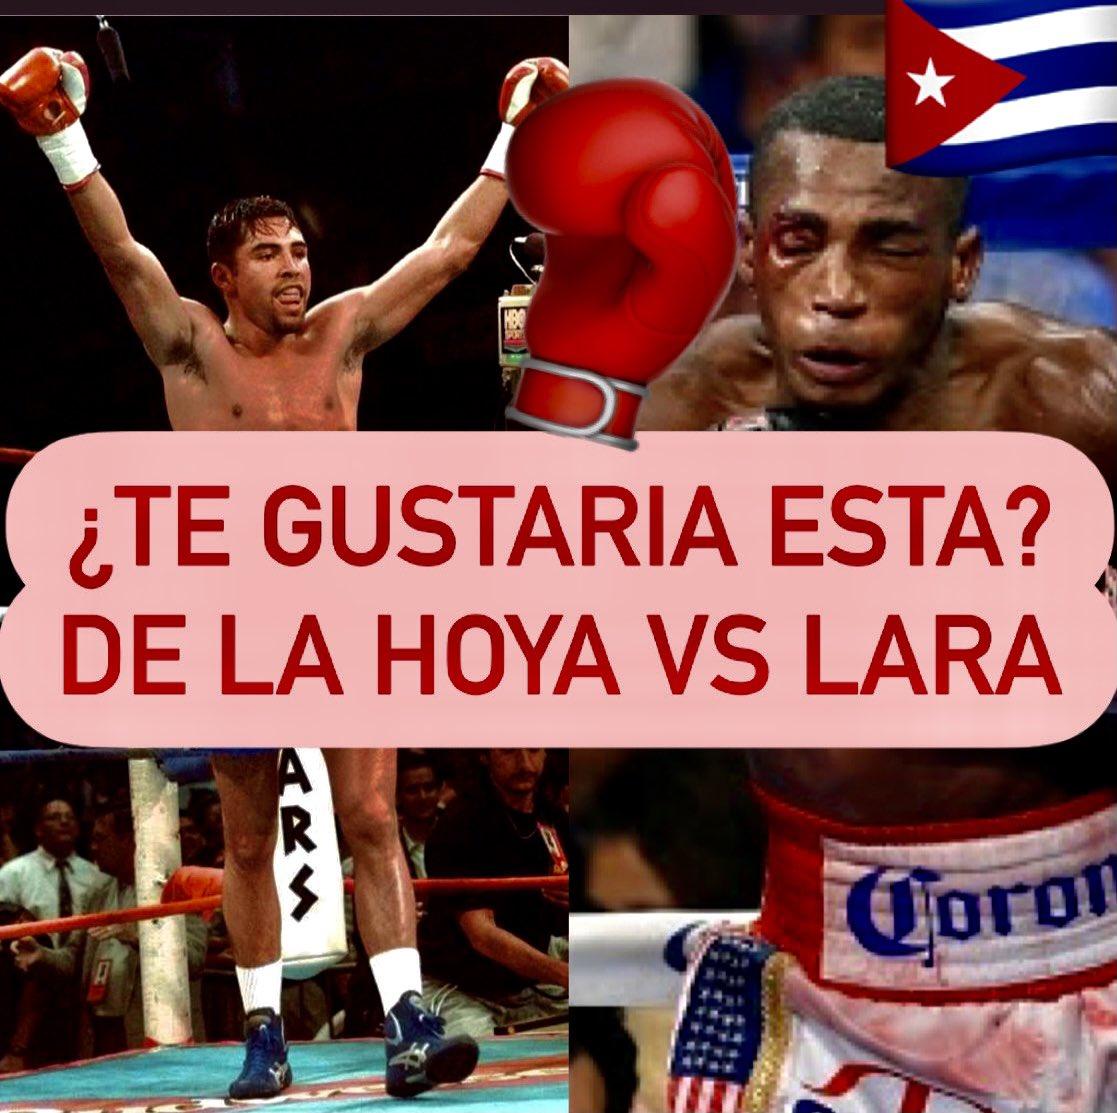 ¿ERISLANDY LARA vs OSCAR DE LA HOYA? OSCAR piensa que aún puede dar guerra en las 154 libras. 🥊🇨🇺🇲🇽 AQUÍ lo hablamos 👉🏾👉🏾 https://t.co/ZFoQgPXnoL 🤏🏿🤏🏿 #Boxeo #Miami #boxeocubano #boxeomexicano #GoldenBoy #OscarDeLaHoya #Boxing #elcafédebeto 🥊🥊 https://t.co/Z9F9eDHTlO